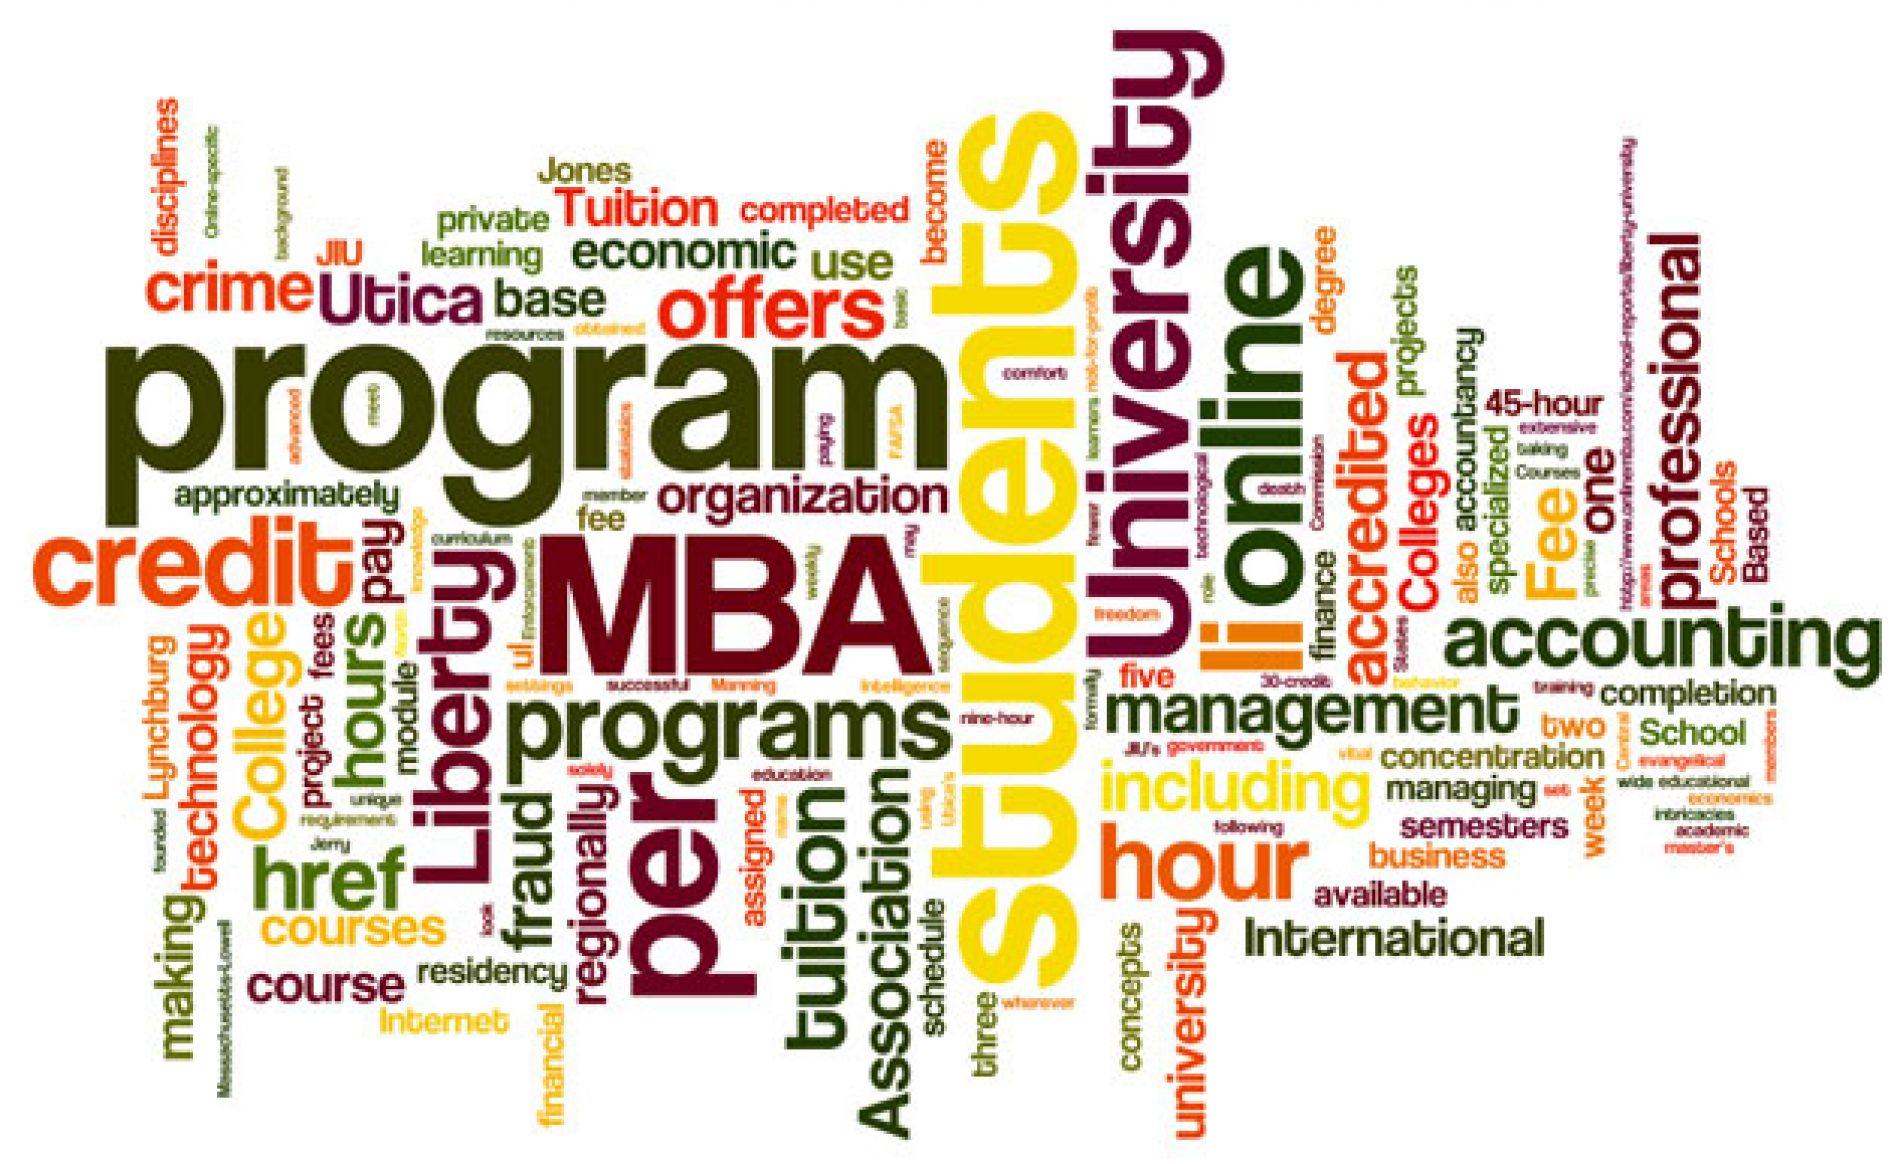 Los 4 pilares básicos de un MBA